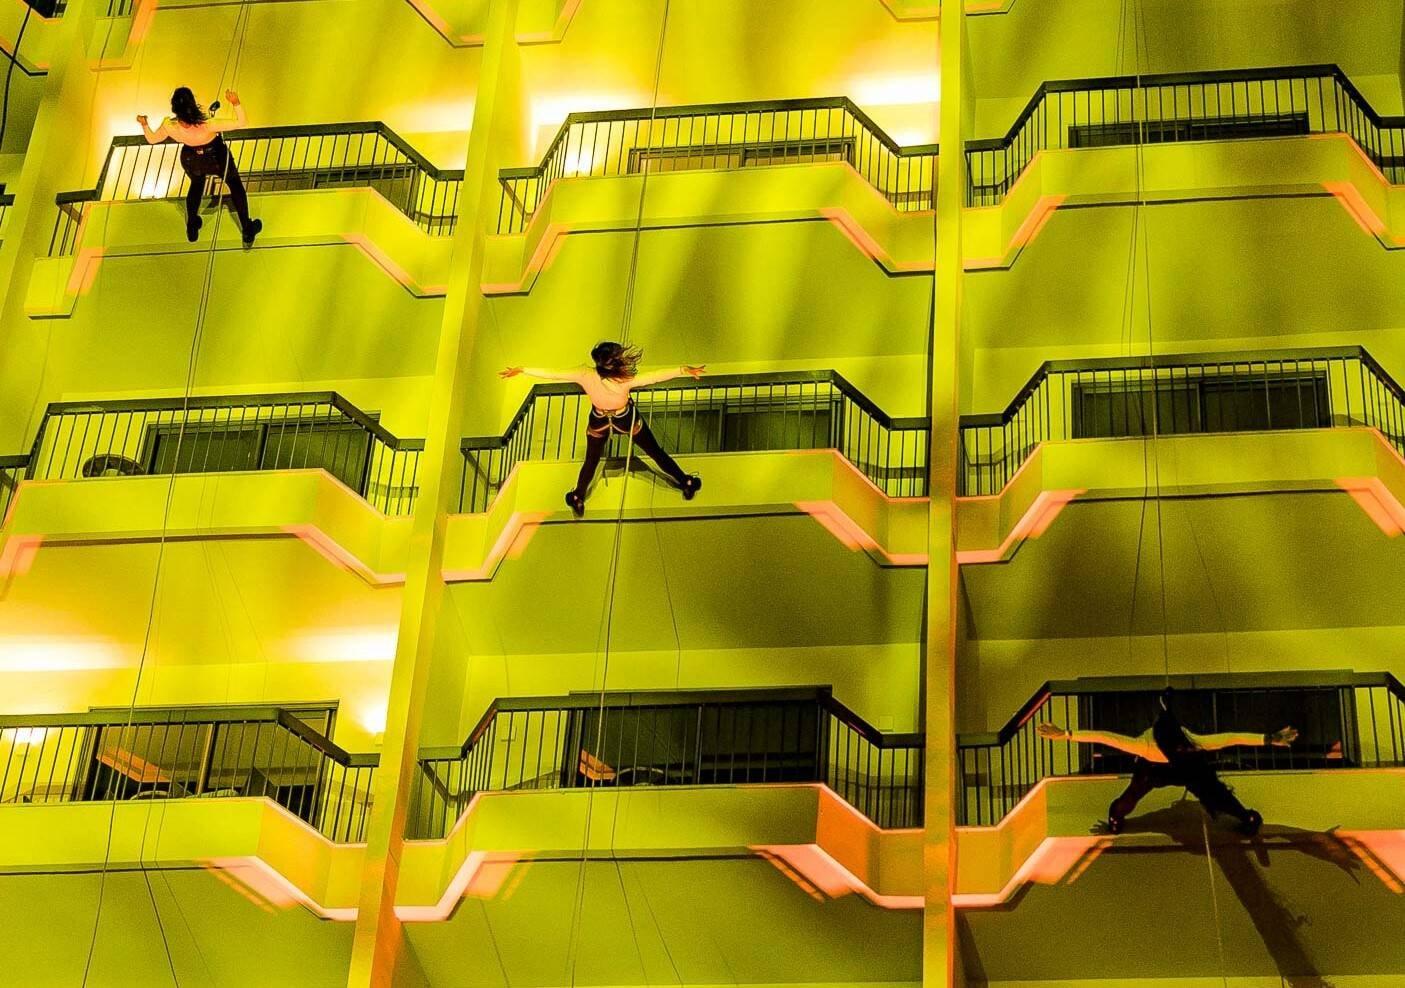 O balé Fairmont, com acrobatas descendo do teto /Foto: Bruno Ryfer